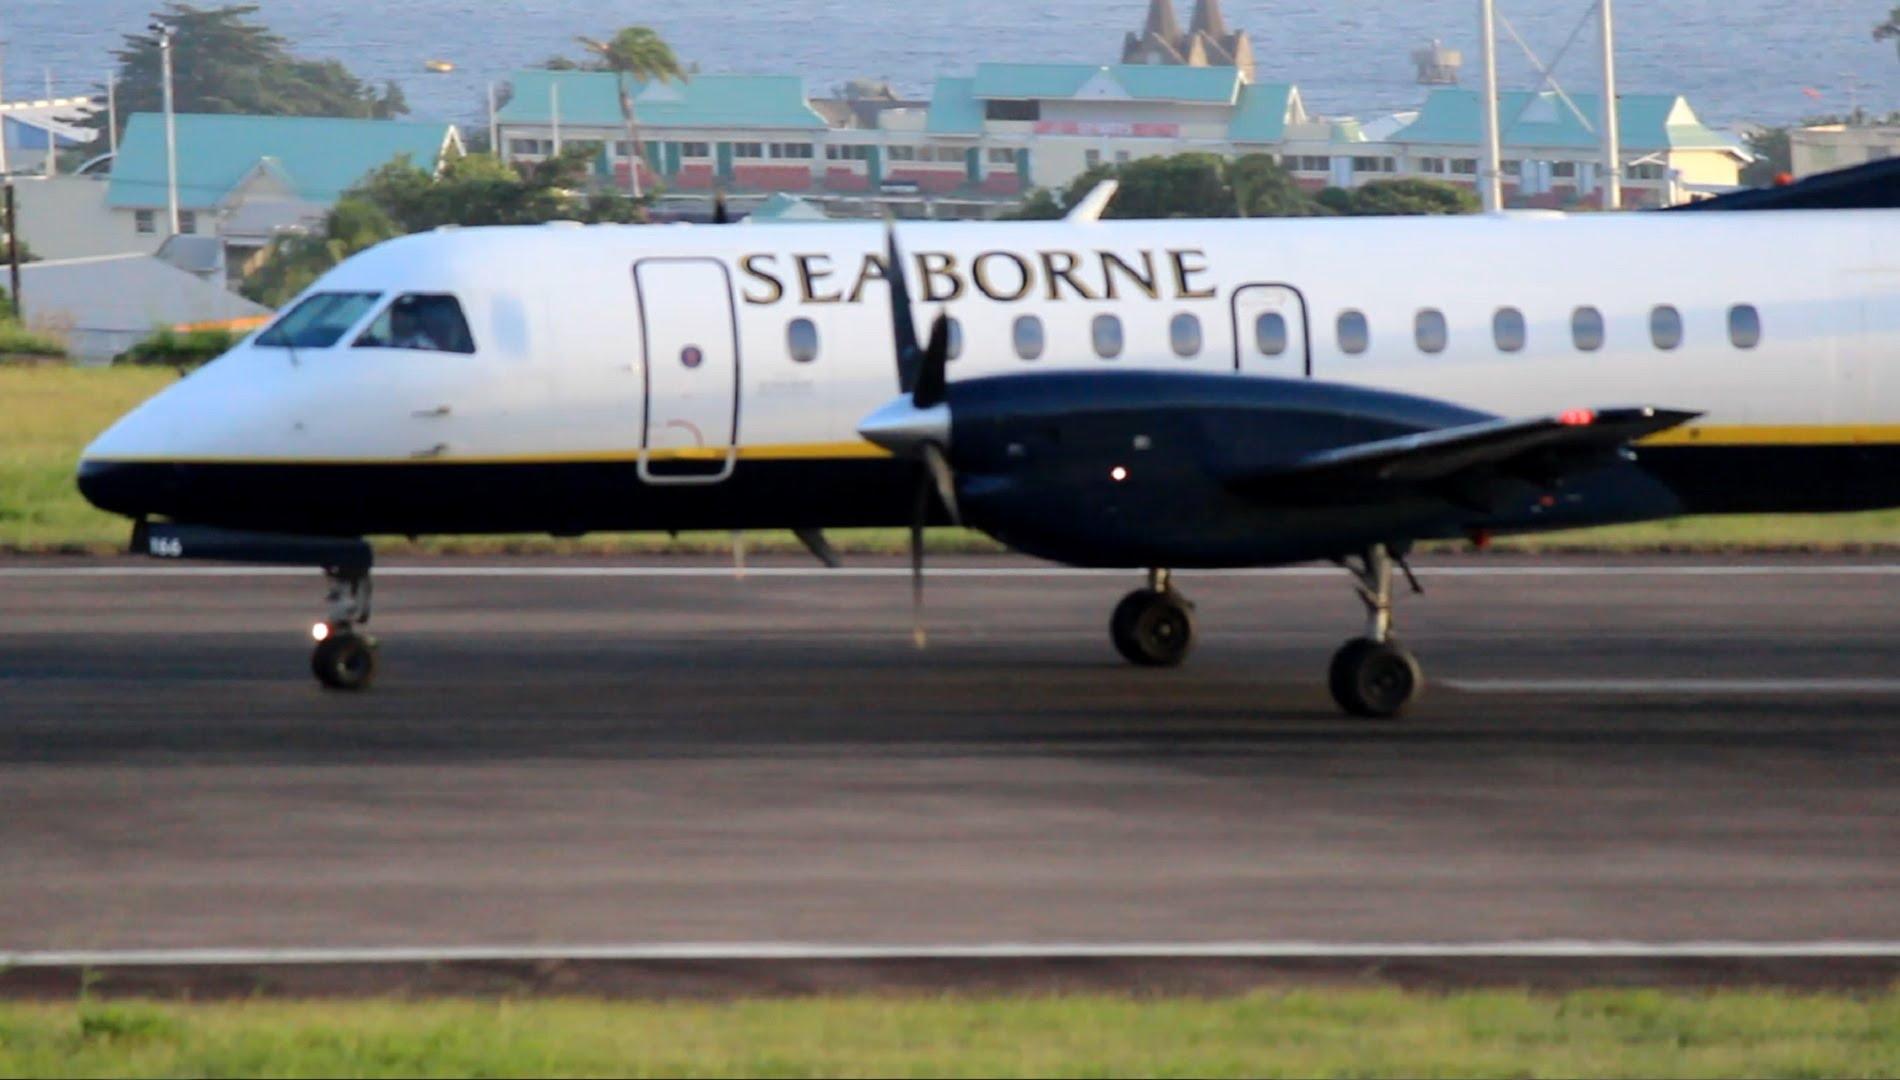 Aerolínea Seaborne declara bancarrota debido a huracanes